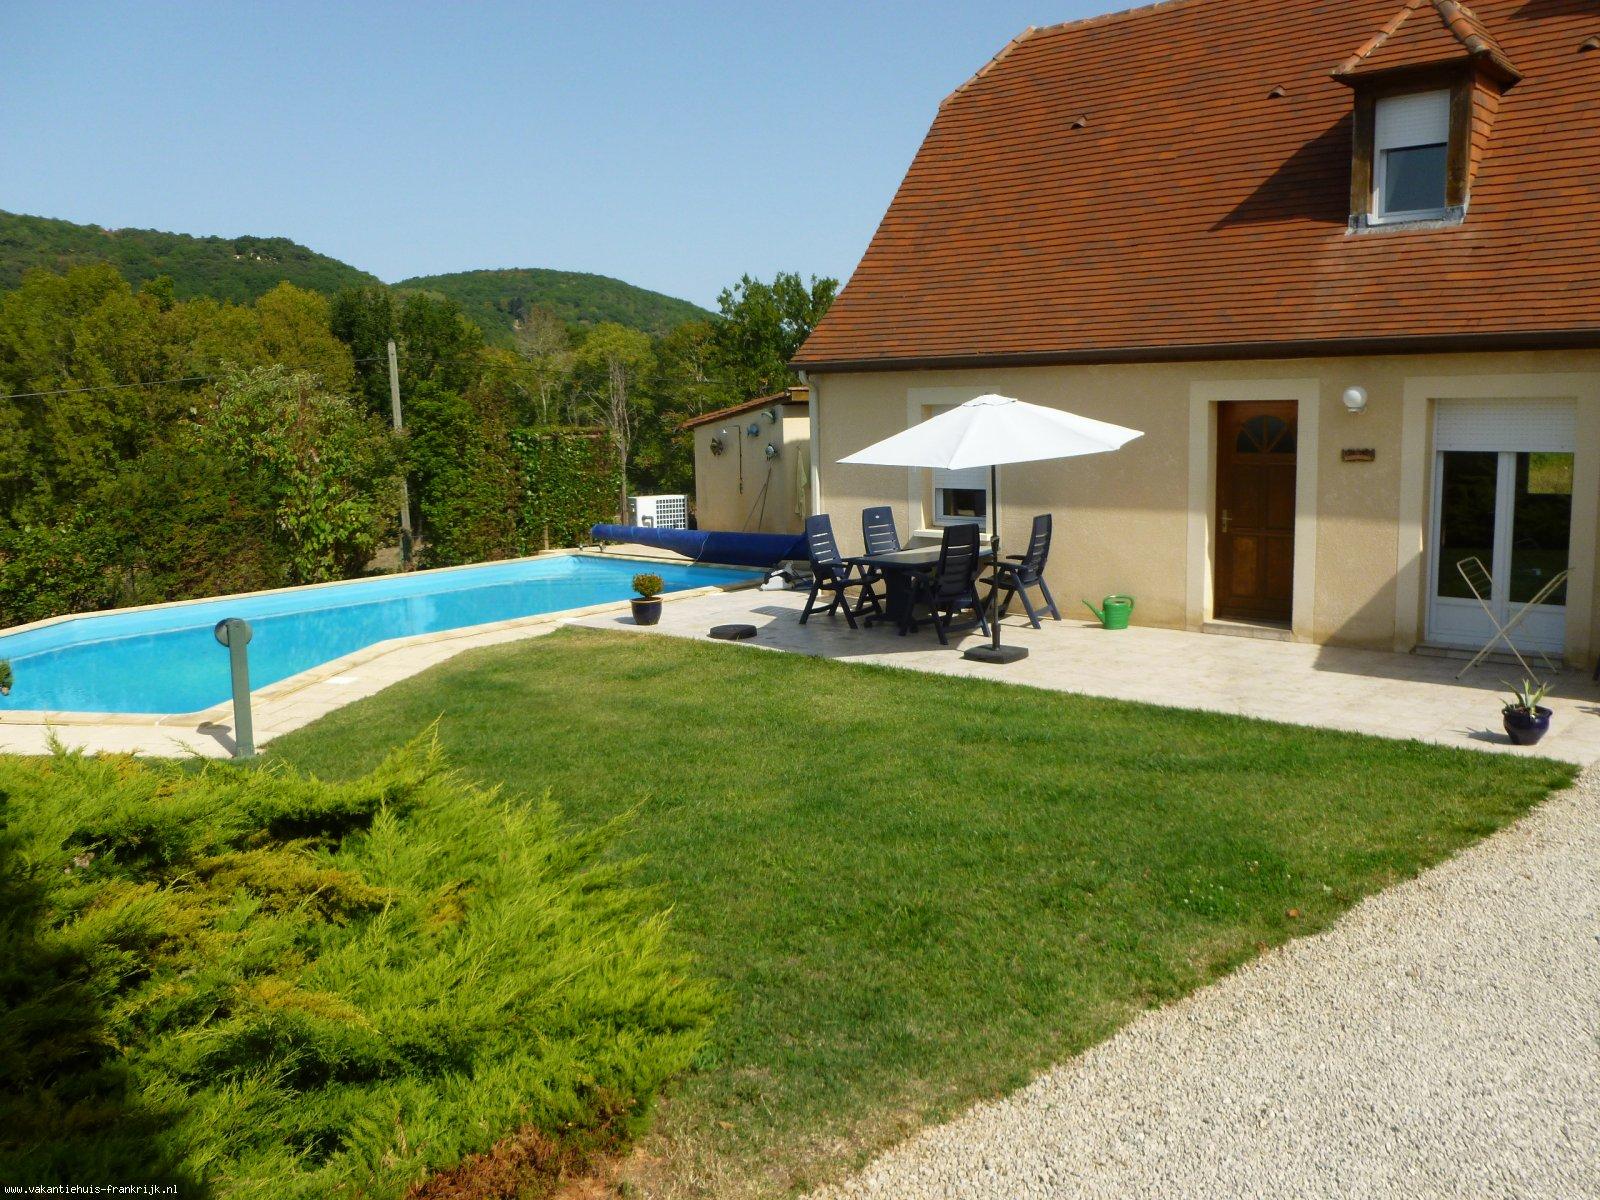 Vakantiehuis: LUXE 6-P VAKANTIEHUIS MET GROOT ZWEMBAD te huur voor uw vakantie in Dordogne (Frankrijk)